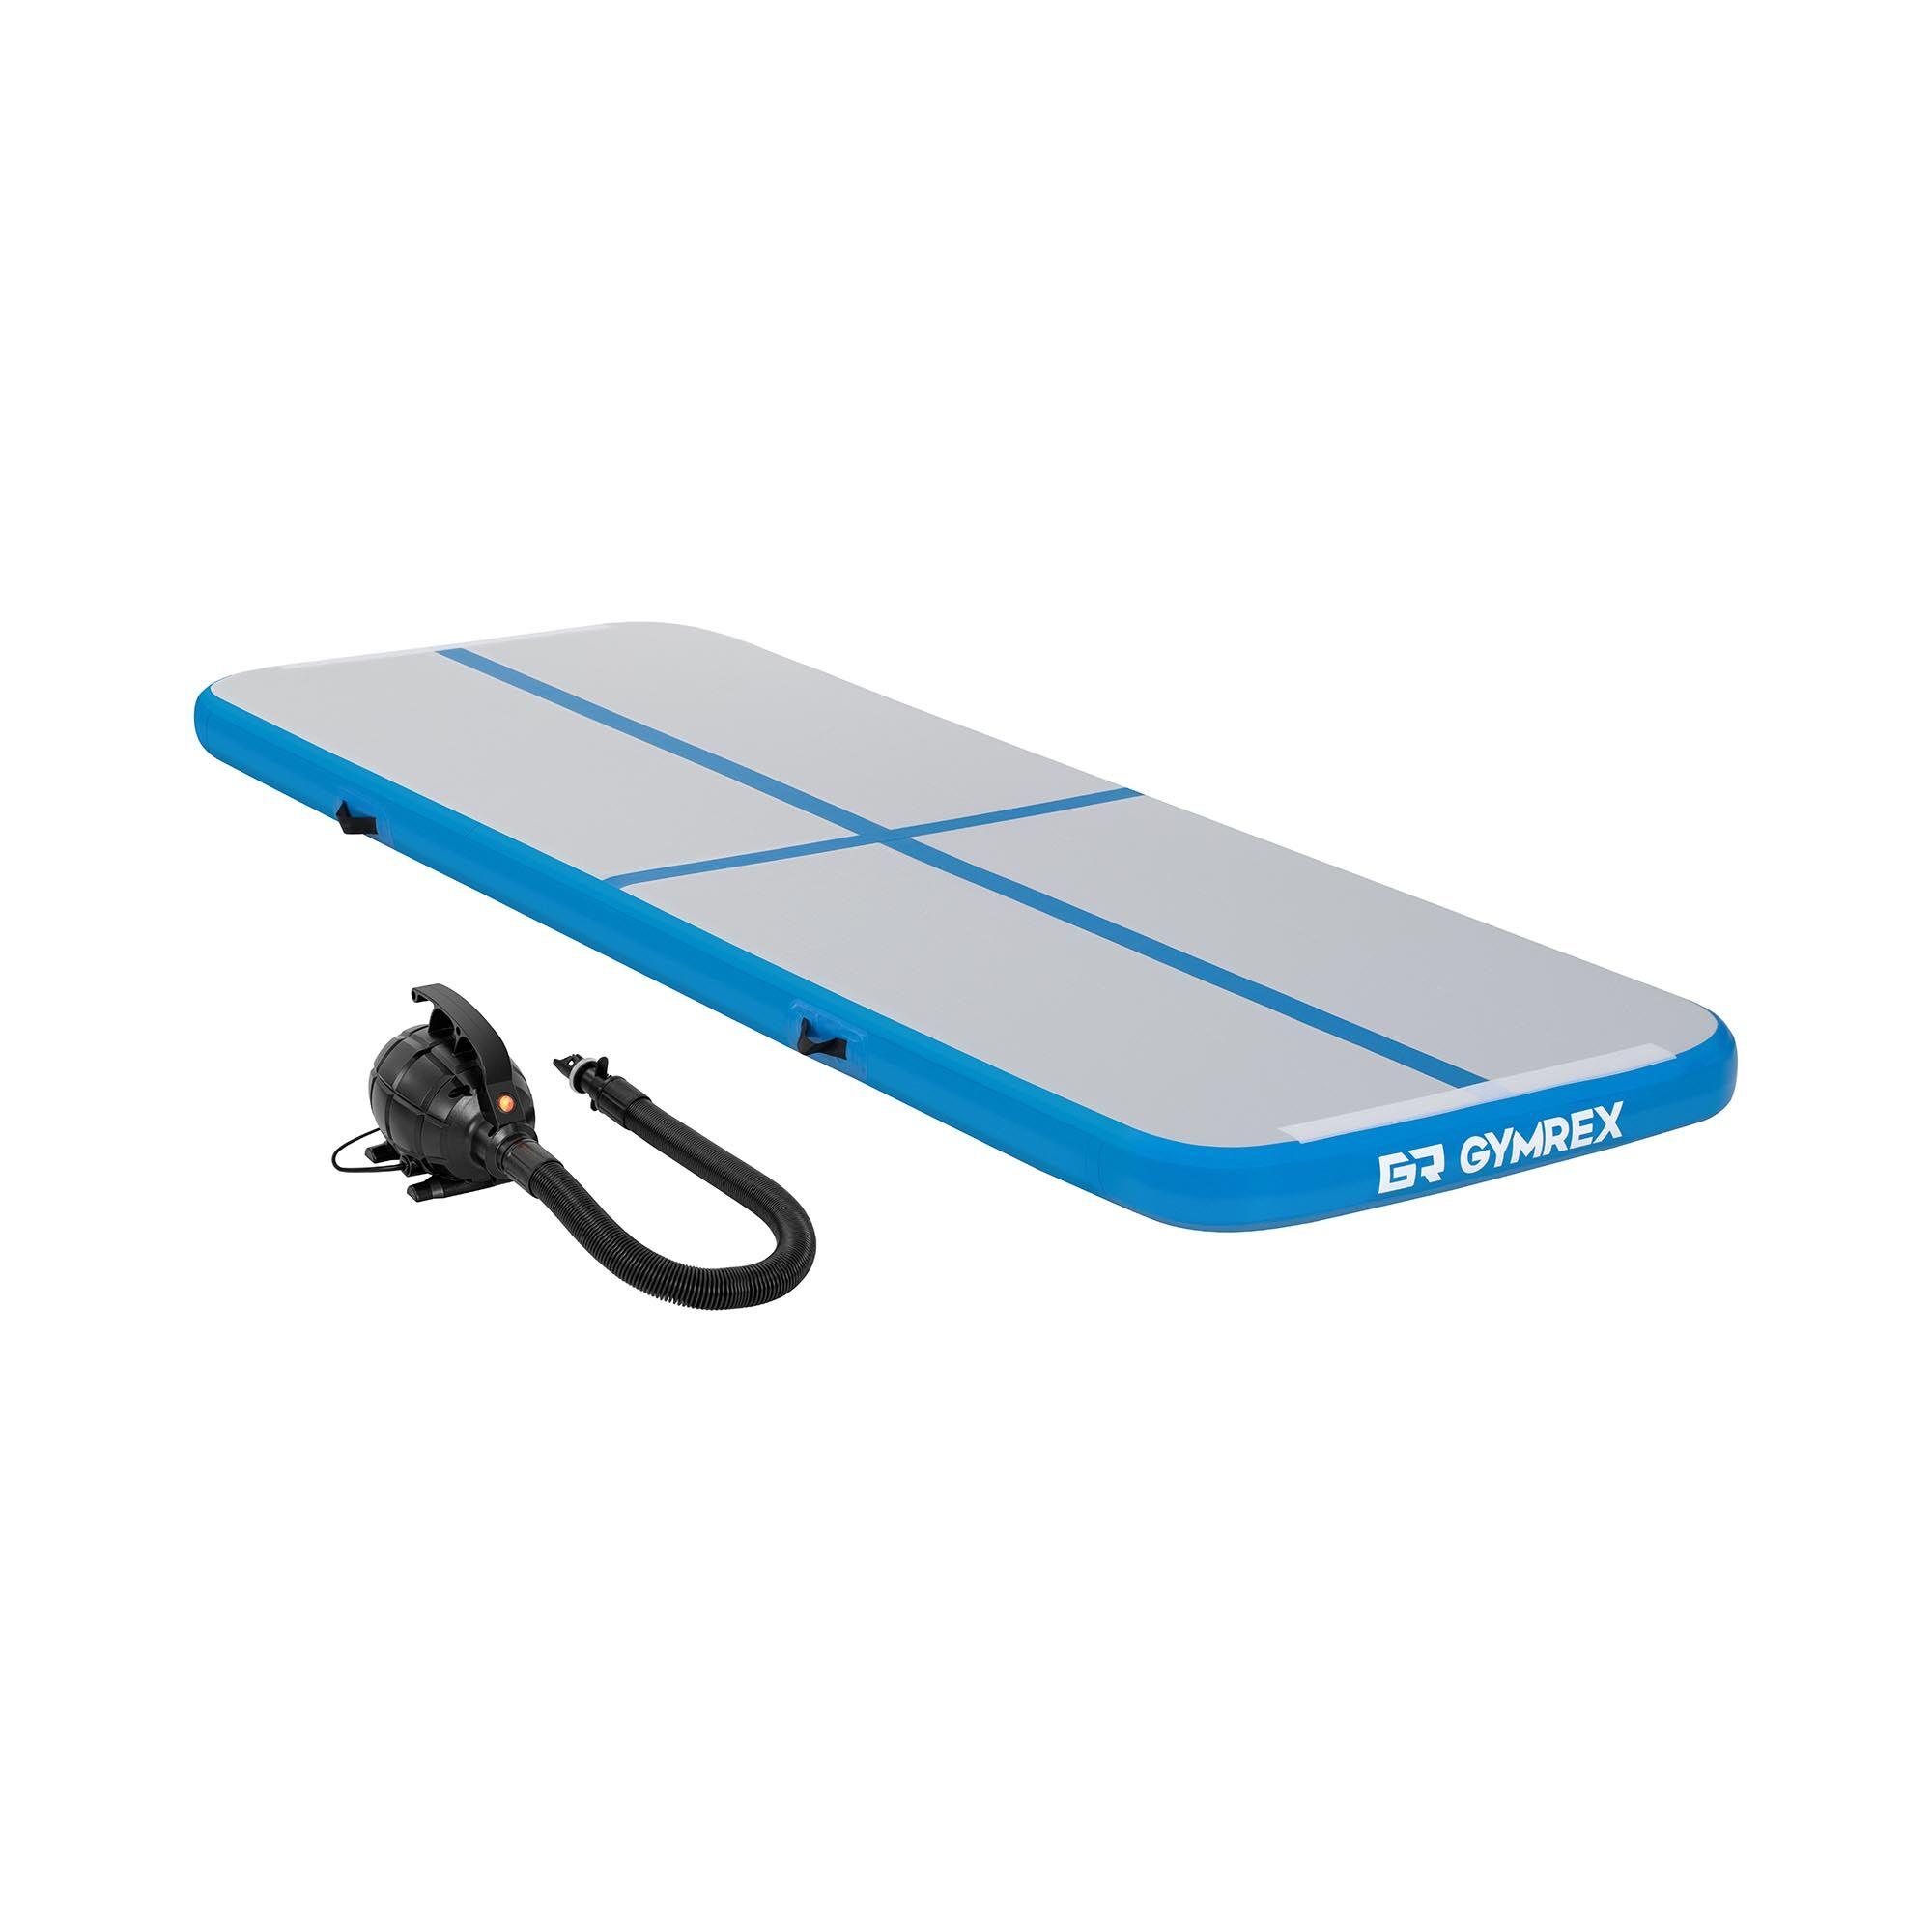 Gymrex Air track - Aitrack avec gonfleur électrique - Airtrack - 300 x 100 x 10 cm - 150 kg - Bleu/gris GR-ATM1-SET